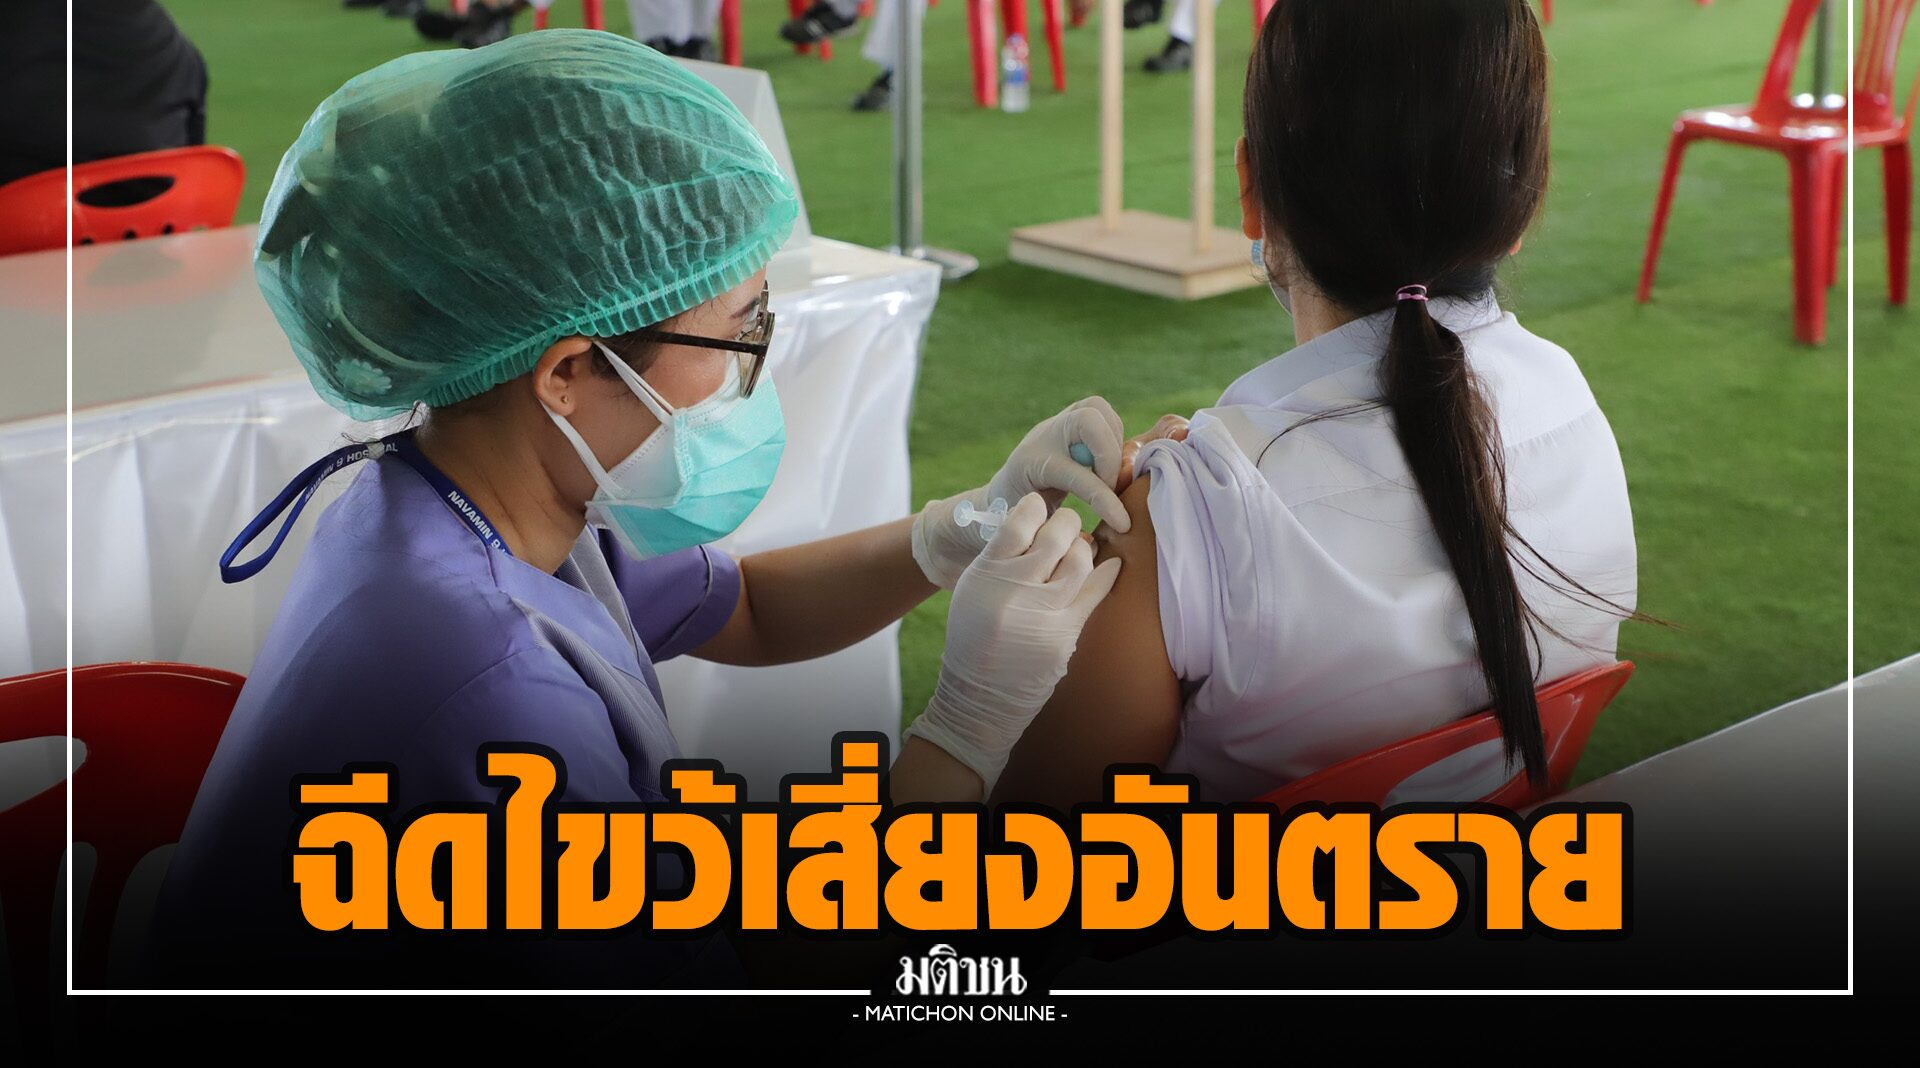 'ฮู' เตือนเสี่ยงอันตราย ฉีดวัคซีนไขว้ 'บิ๊กตู่' ย้ำหมอควรดูให้รอบคอบ นพ.ยงยัน ฉีดใน 1,200 คนได้ผลดี